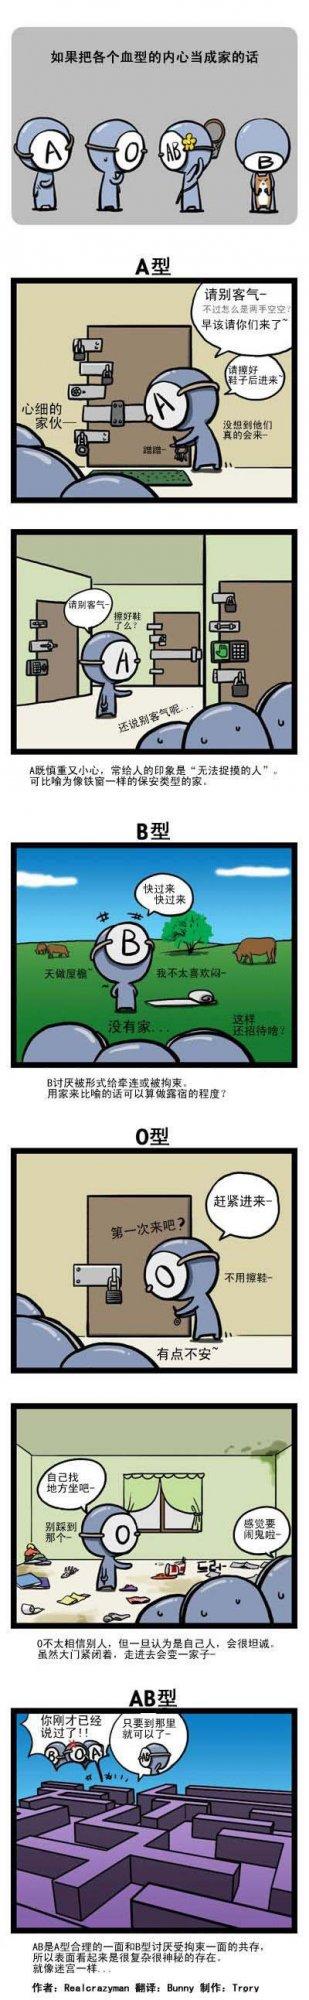 血型的内心世界漫画版